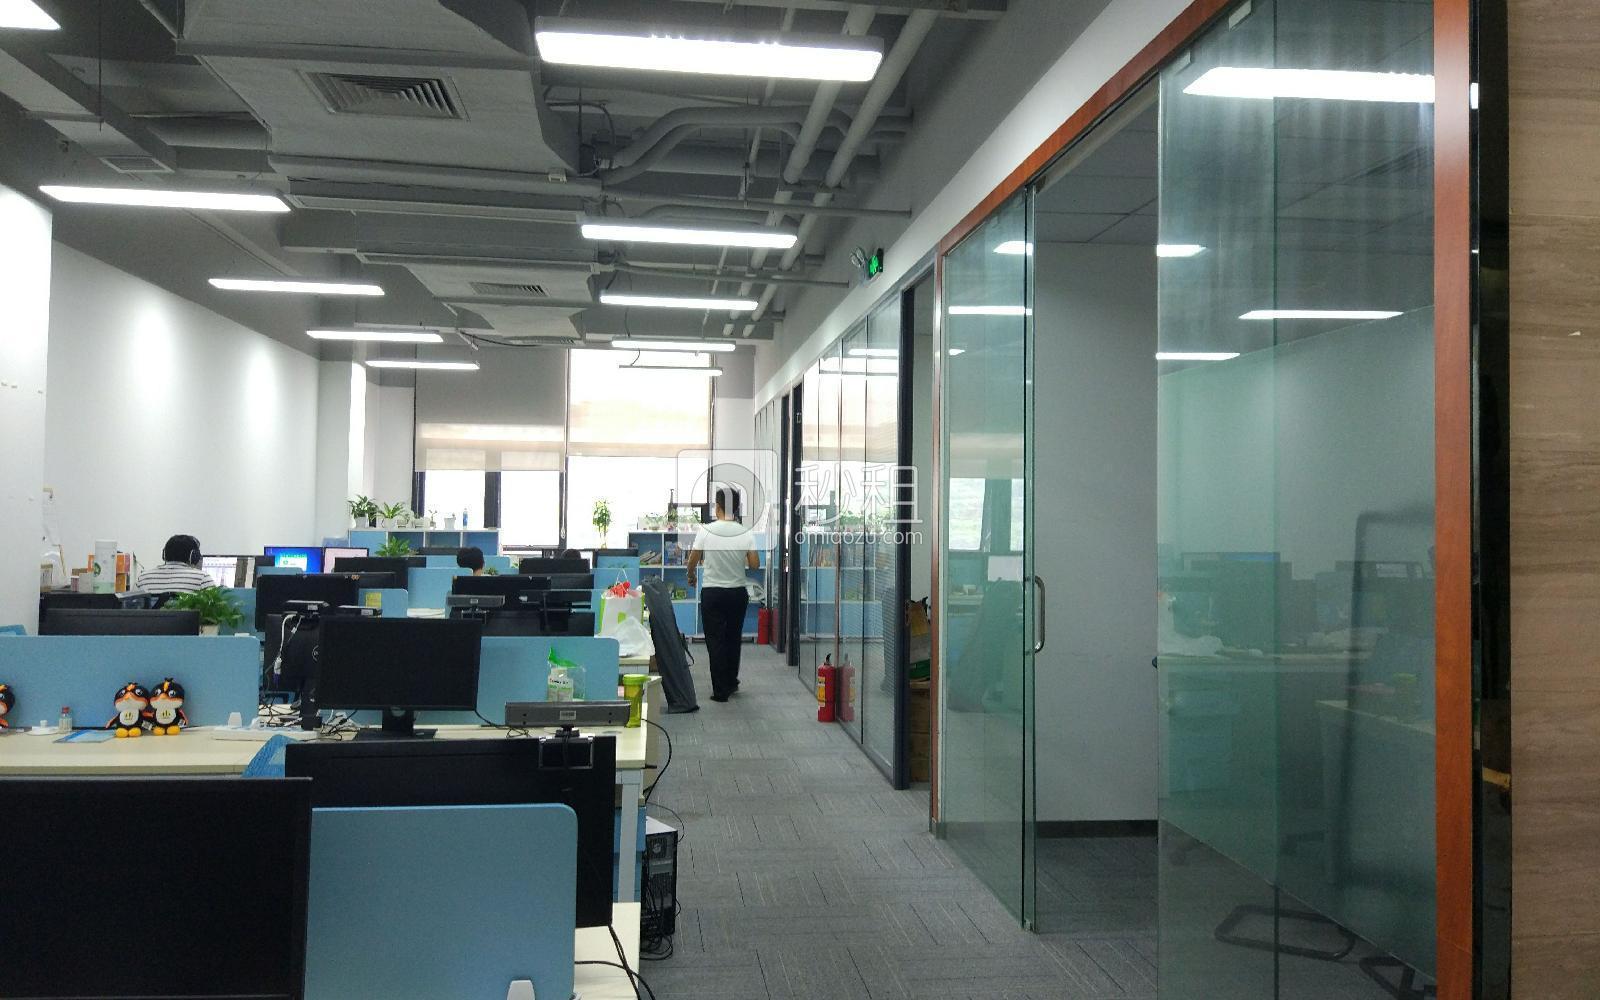 南山-科技园 国人通信大厦 327m²